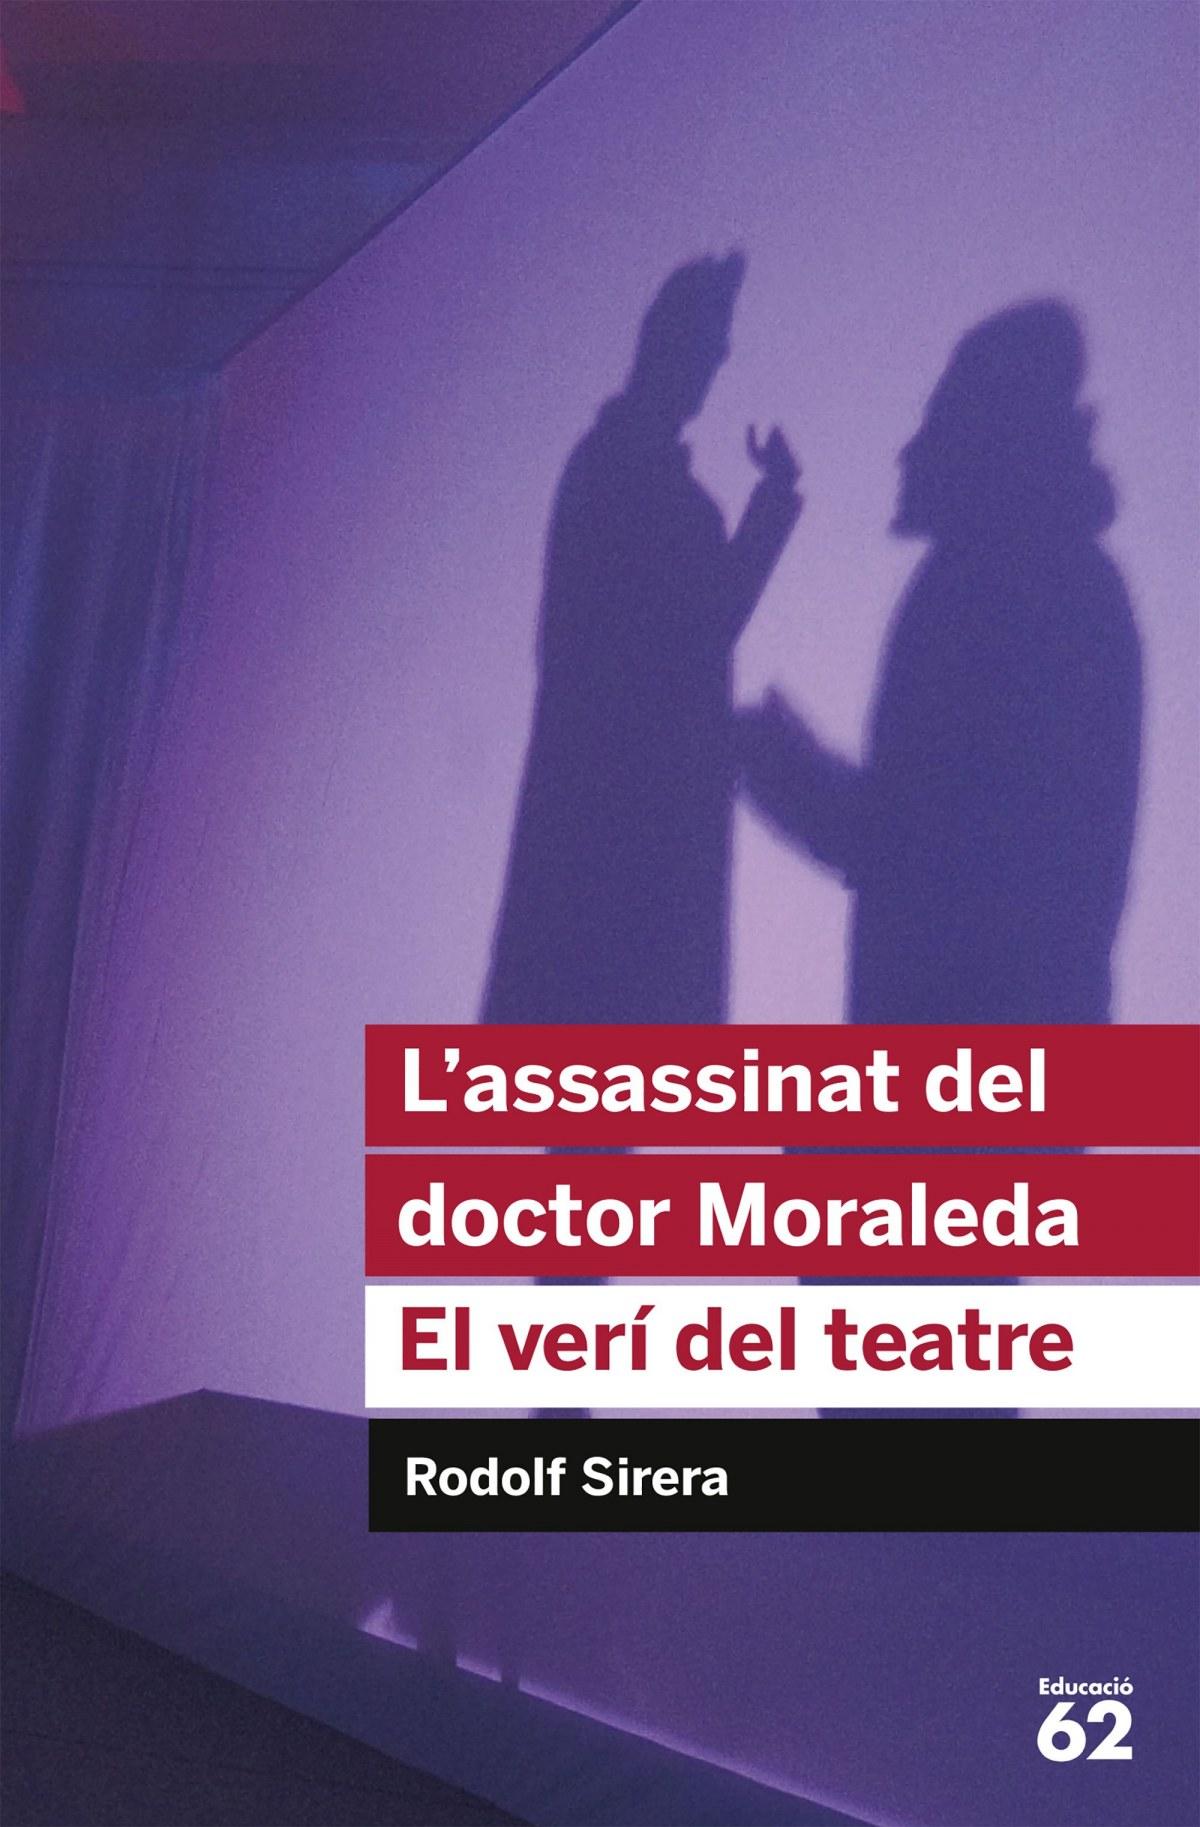 L assassinat del doctor Moraleda. El ver¡ del teatre 9788492672936